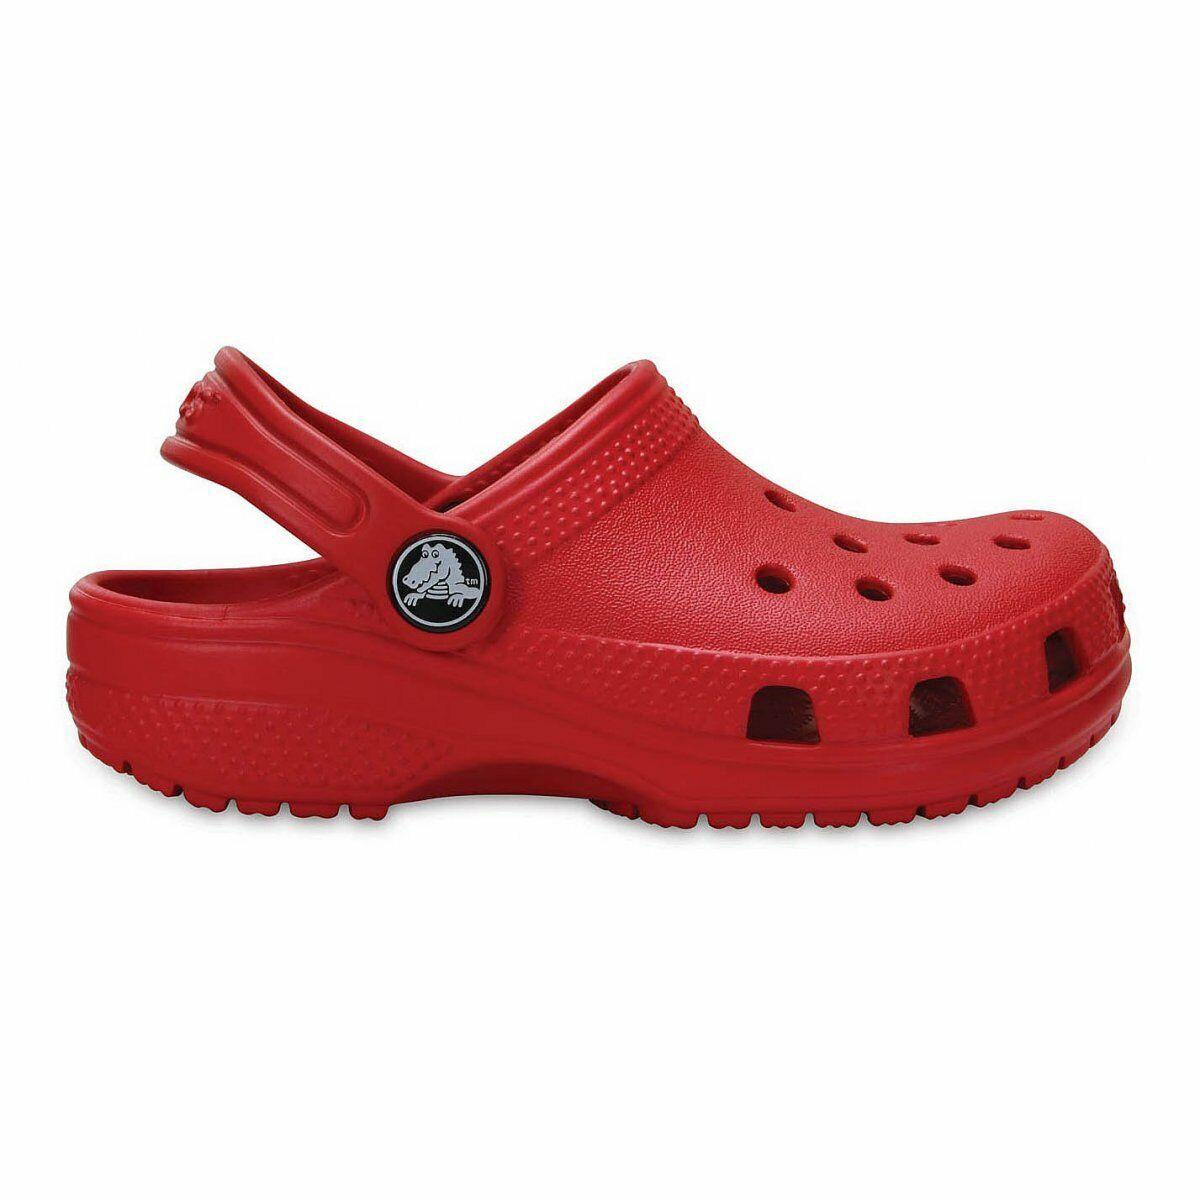 Sabot Crocs 204536-6EN Crocs Classique Clog K Pepper Mode Junior Fashion